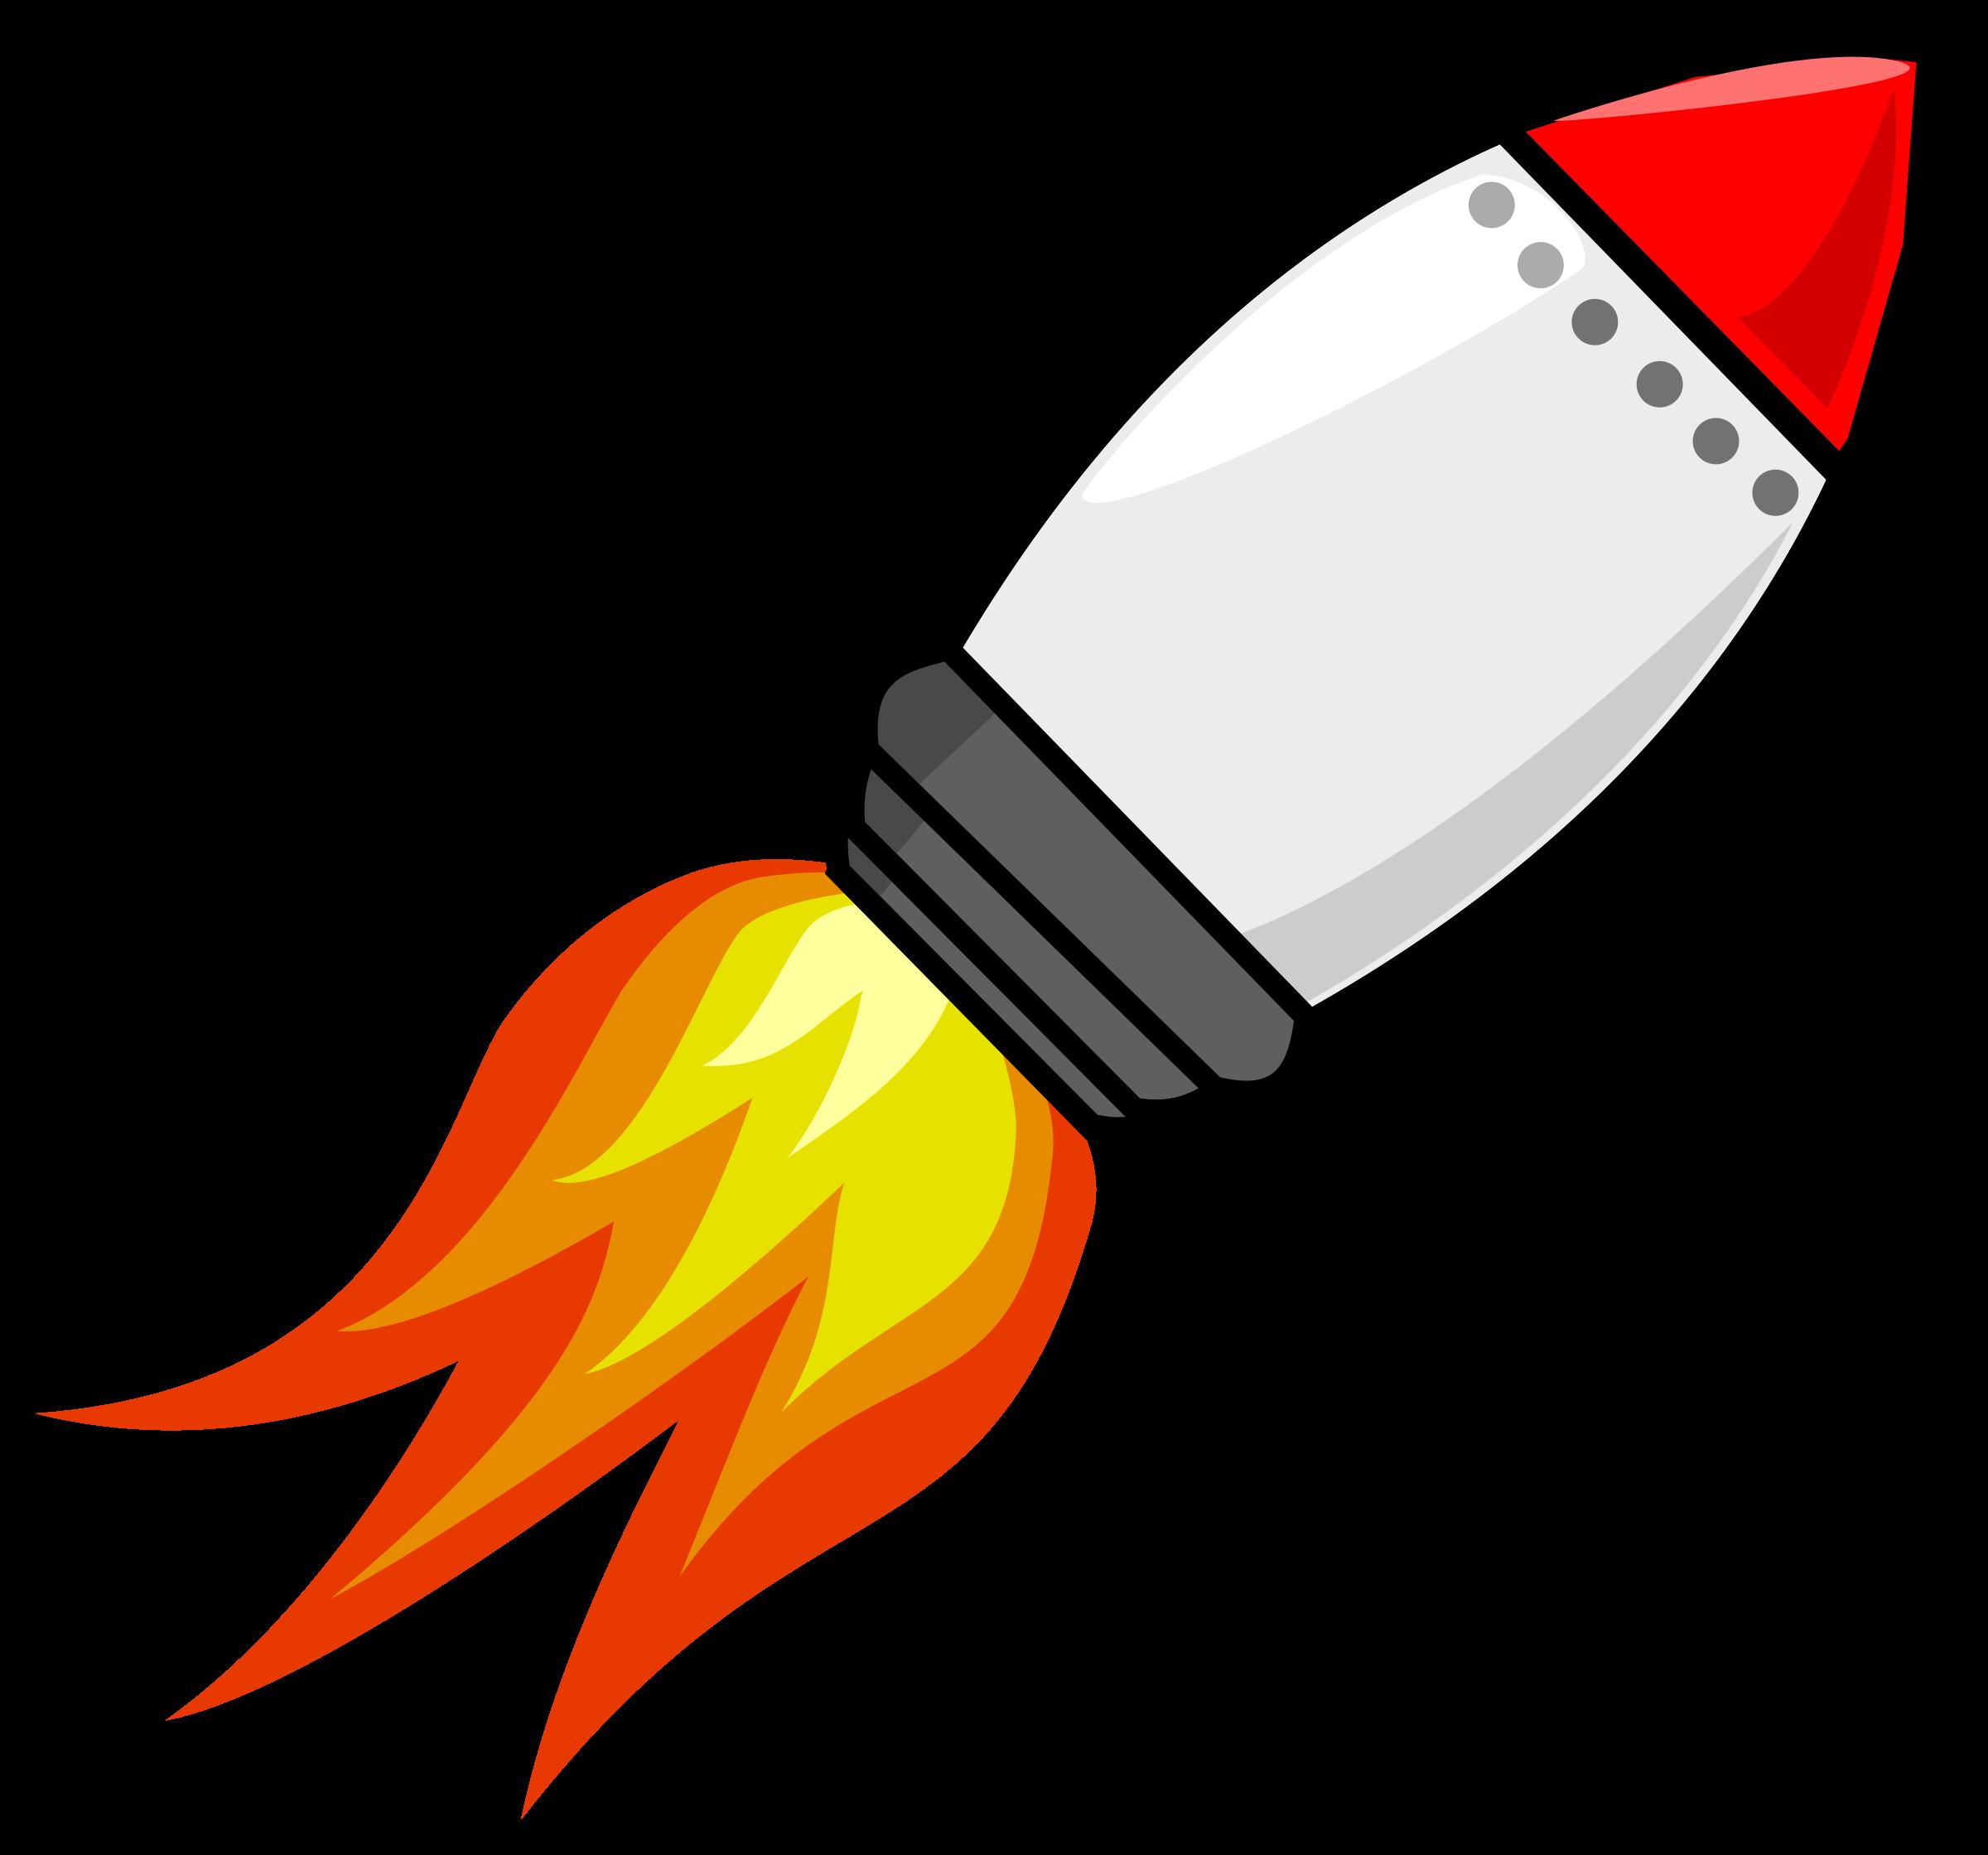 Missile big image png. Clipart rocket missle